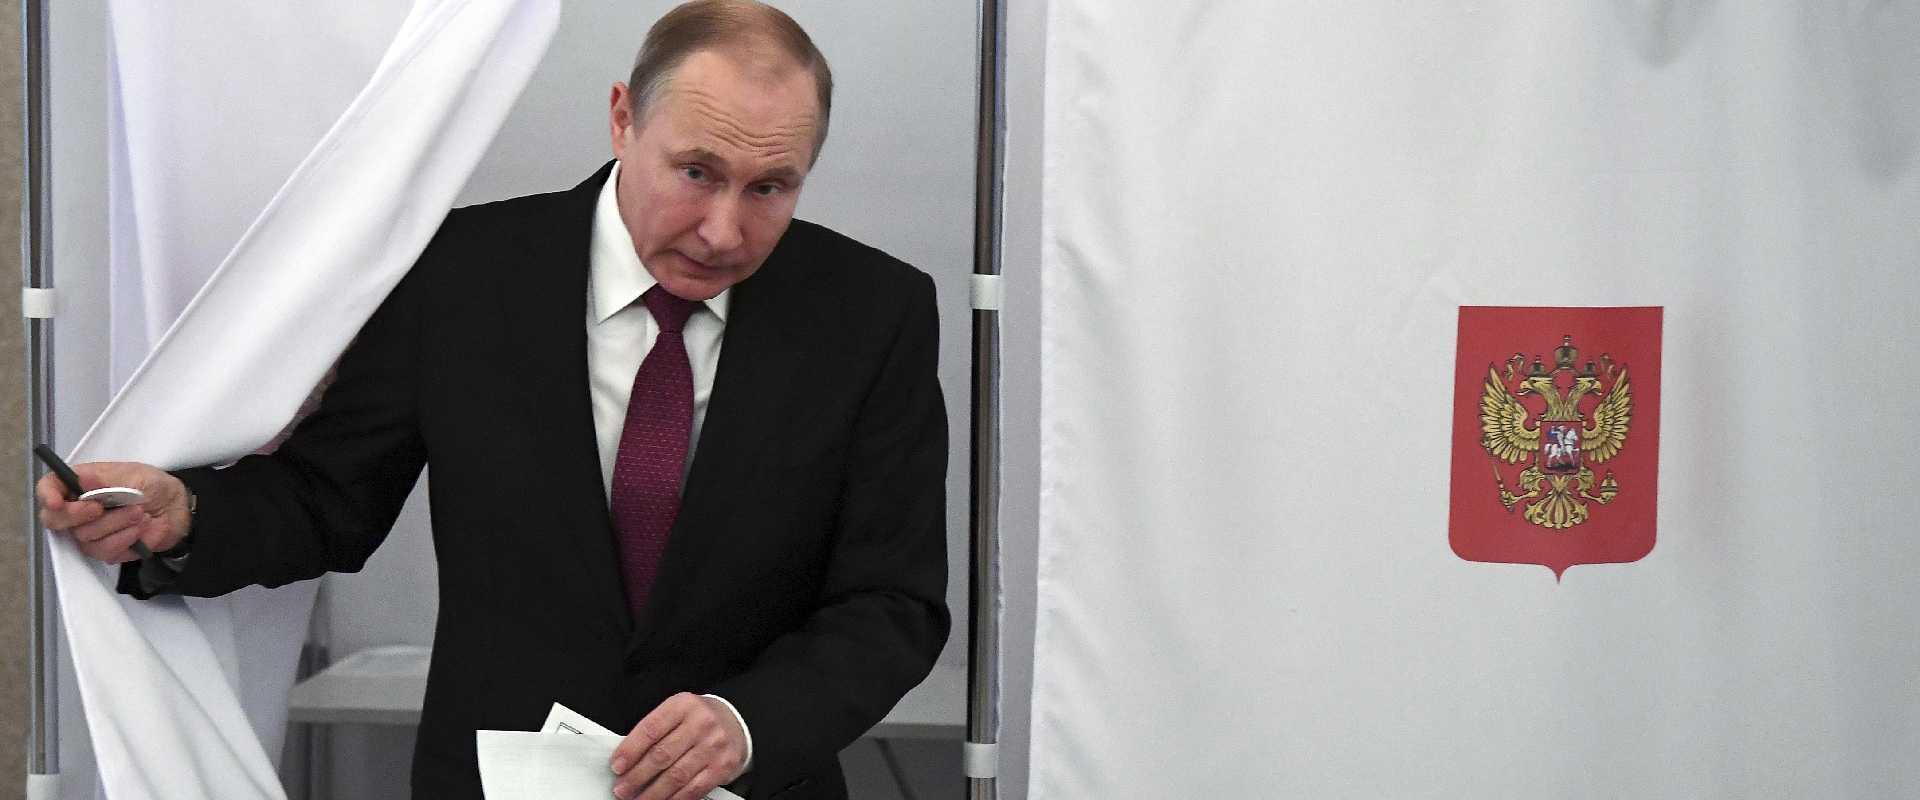 ולדימיר פוטין מצביע